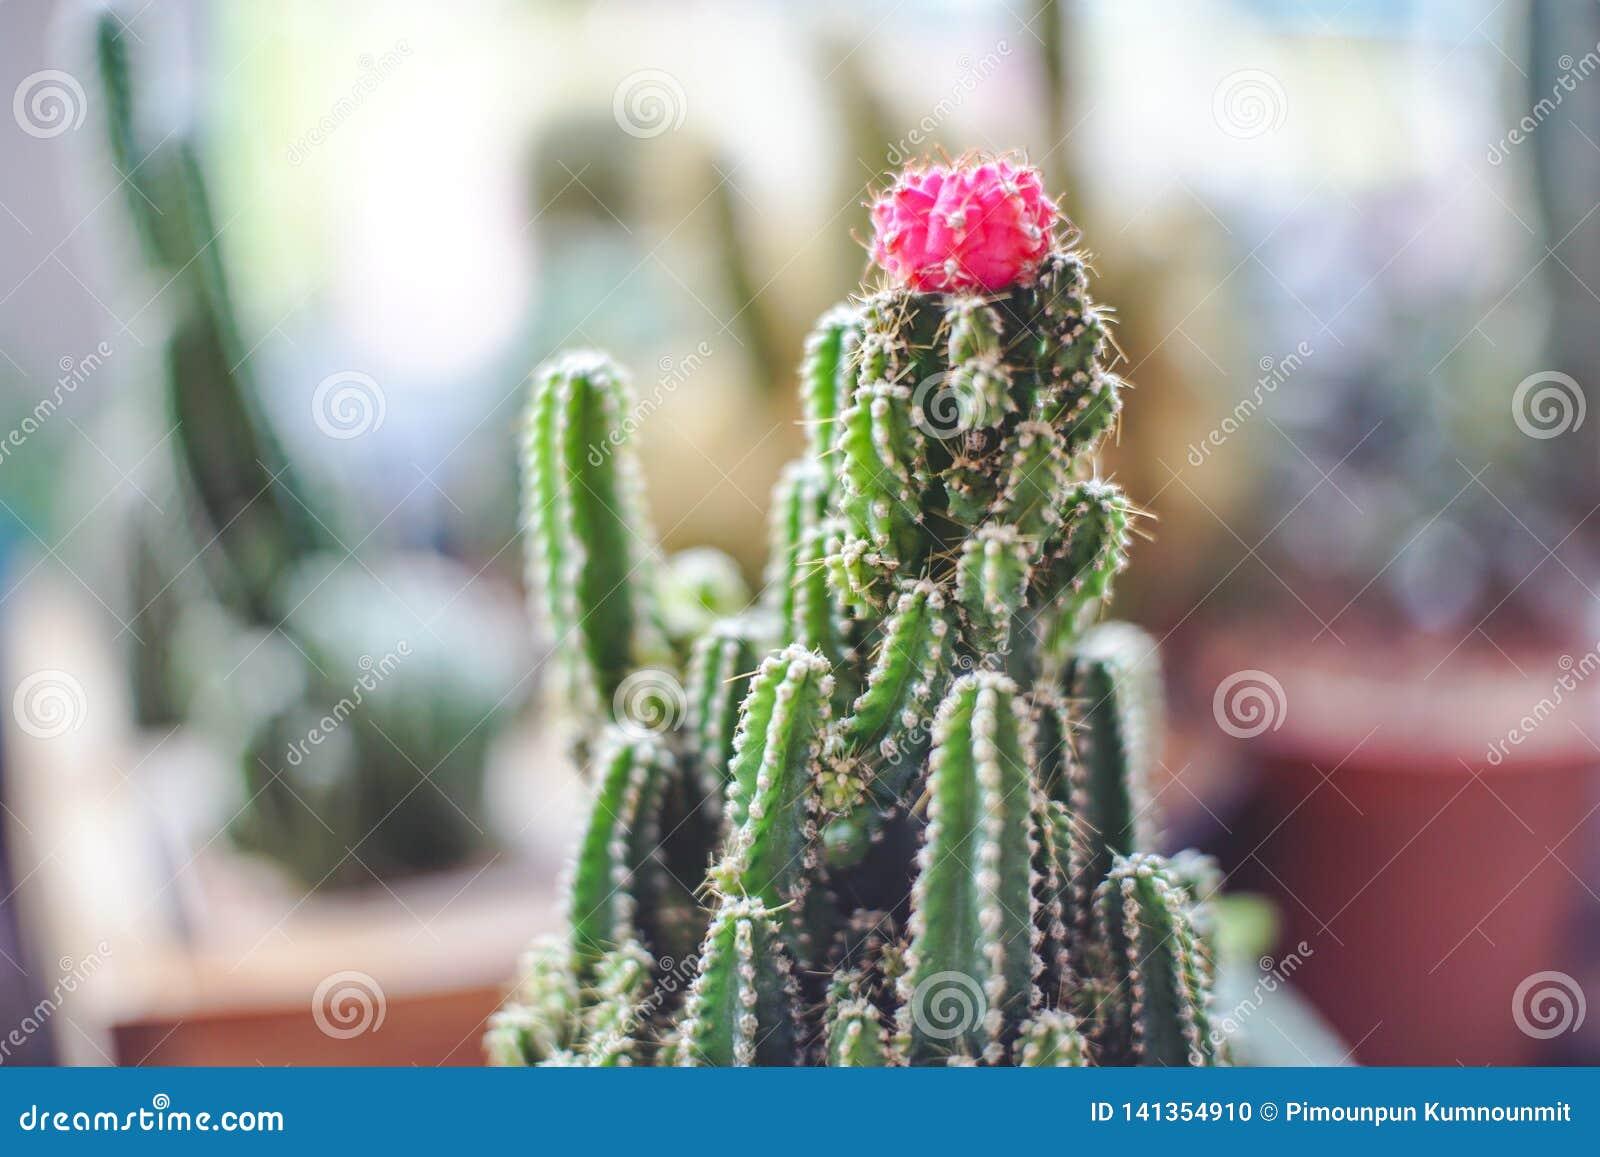 Sluit omhoog miniruby ball cactus moon cactus met vage achtergrond